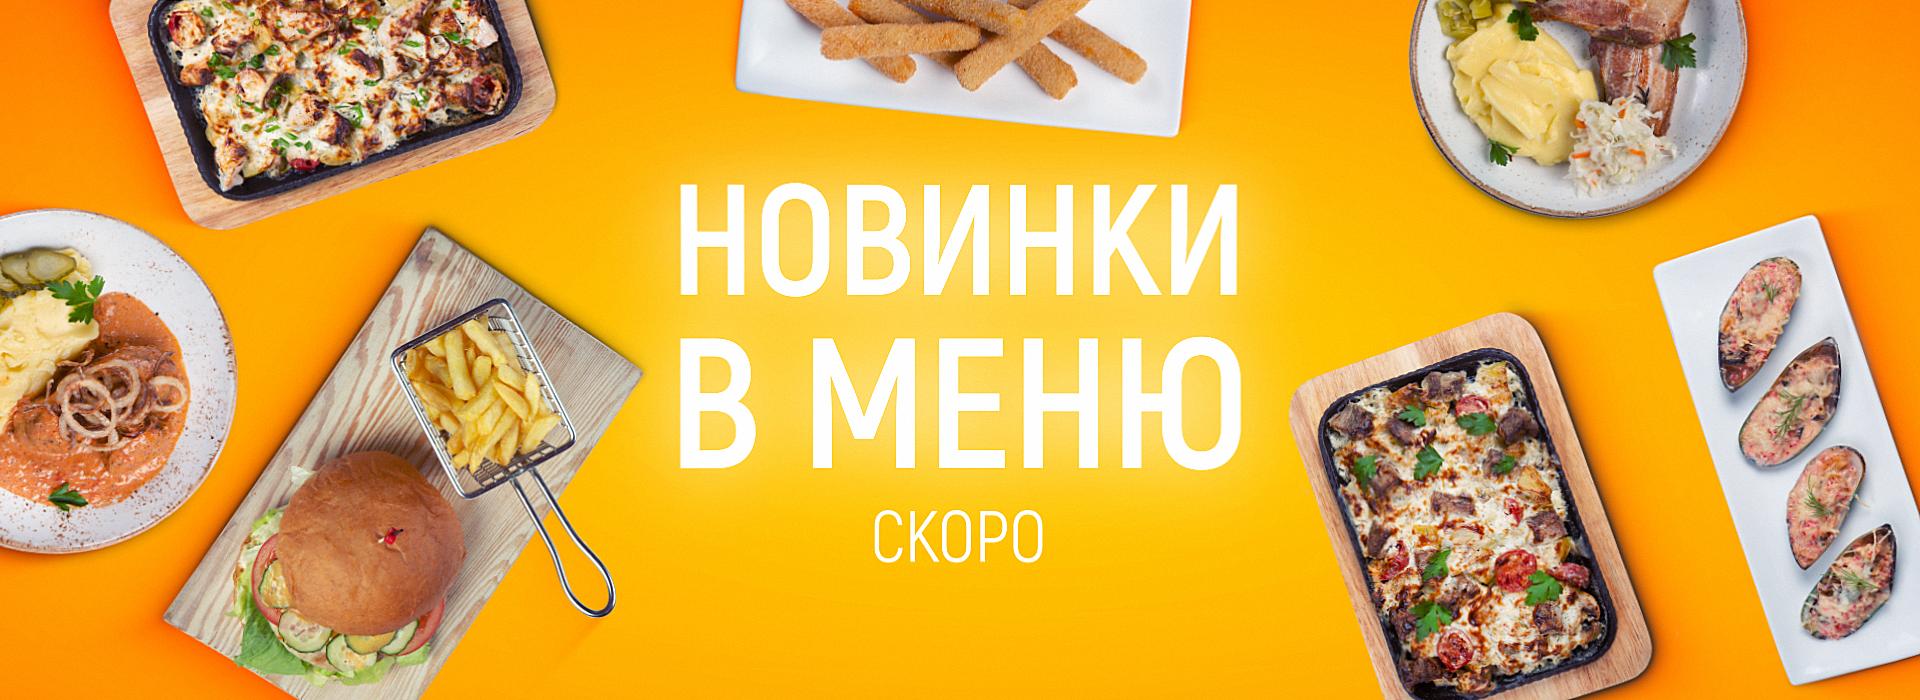 Novinki_2020_slider